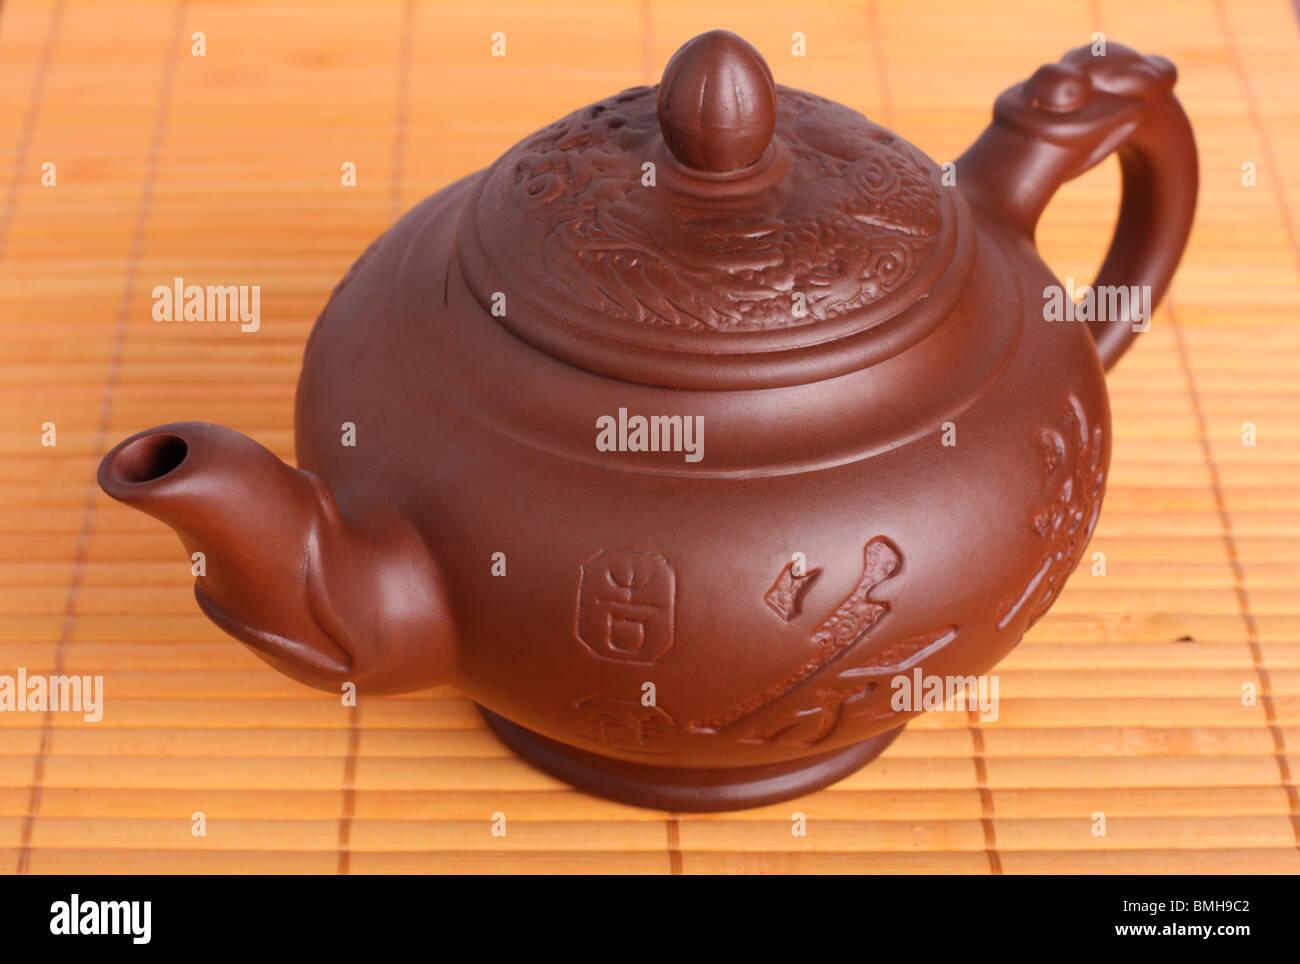 Klassische Chinesische Teekanne Aus Braunen Ton Auf Bambus Teppich